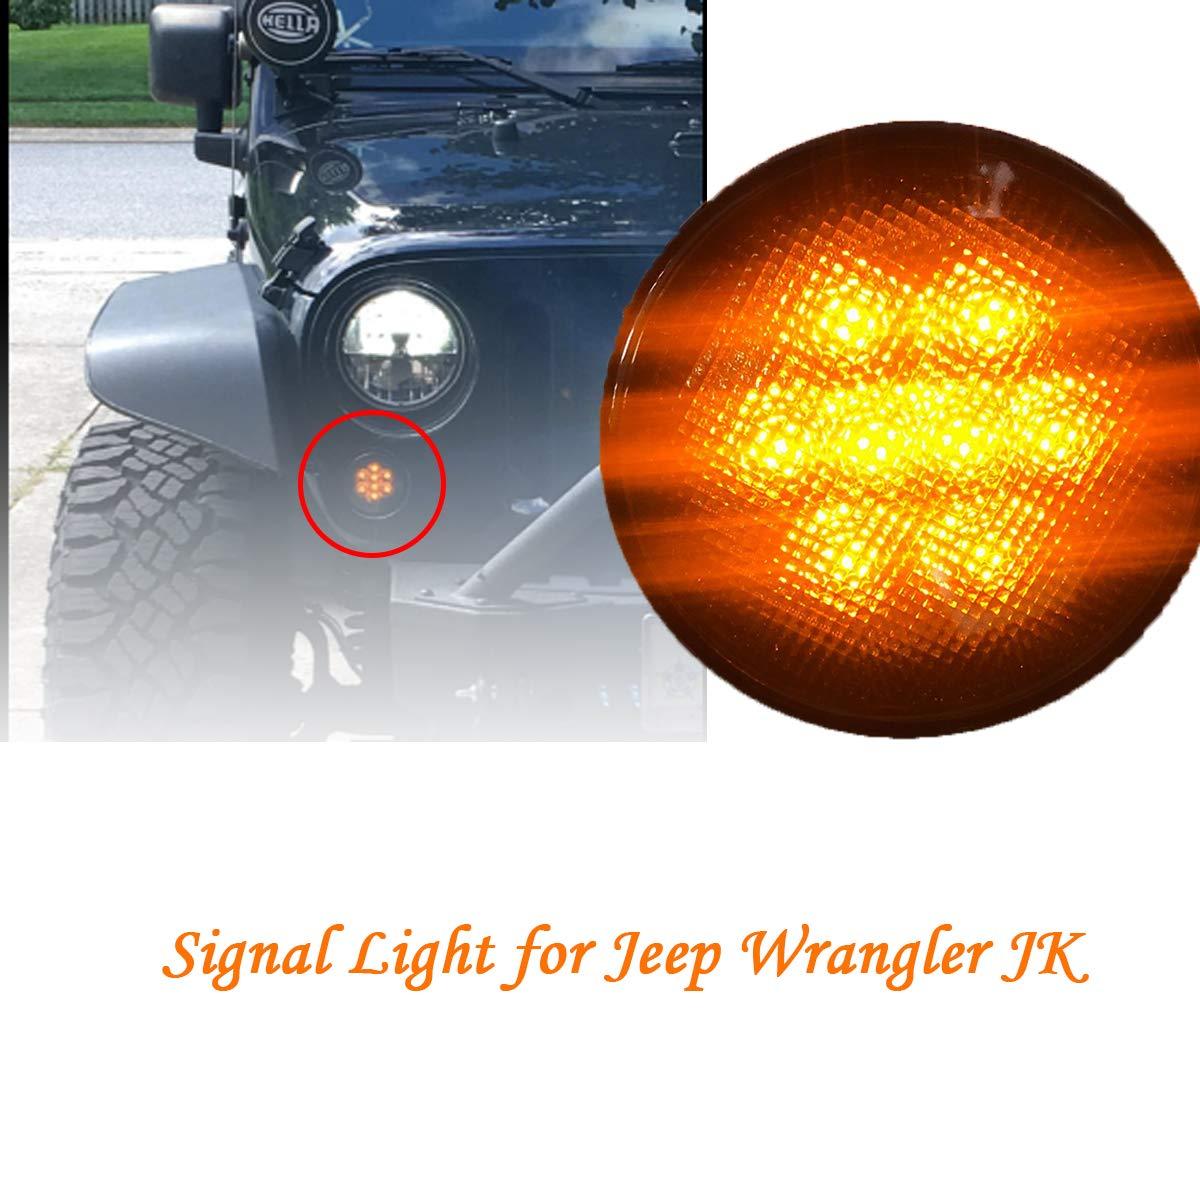 RONSHIN Automotive 1 Paire de Clignotants Avant LED Ambre pour Jeep Wrangler JK 2007-2017